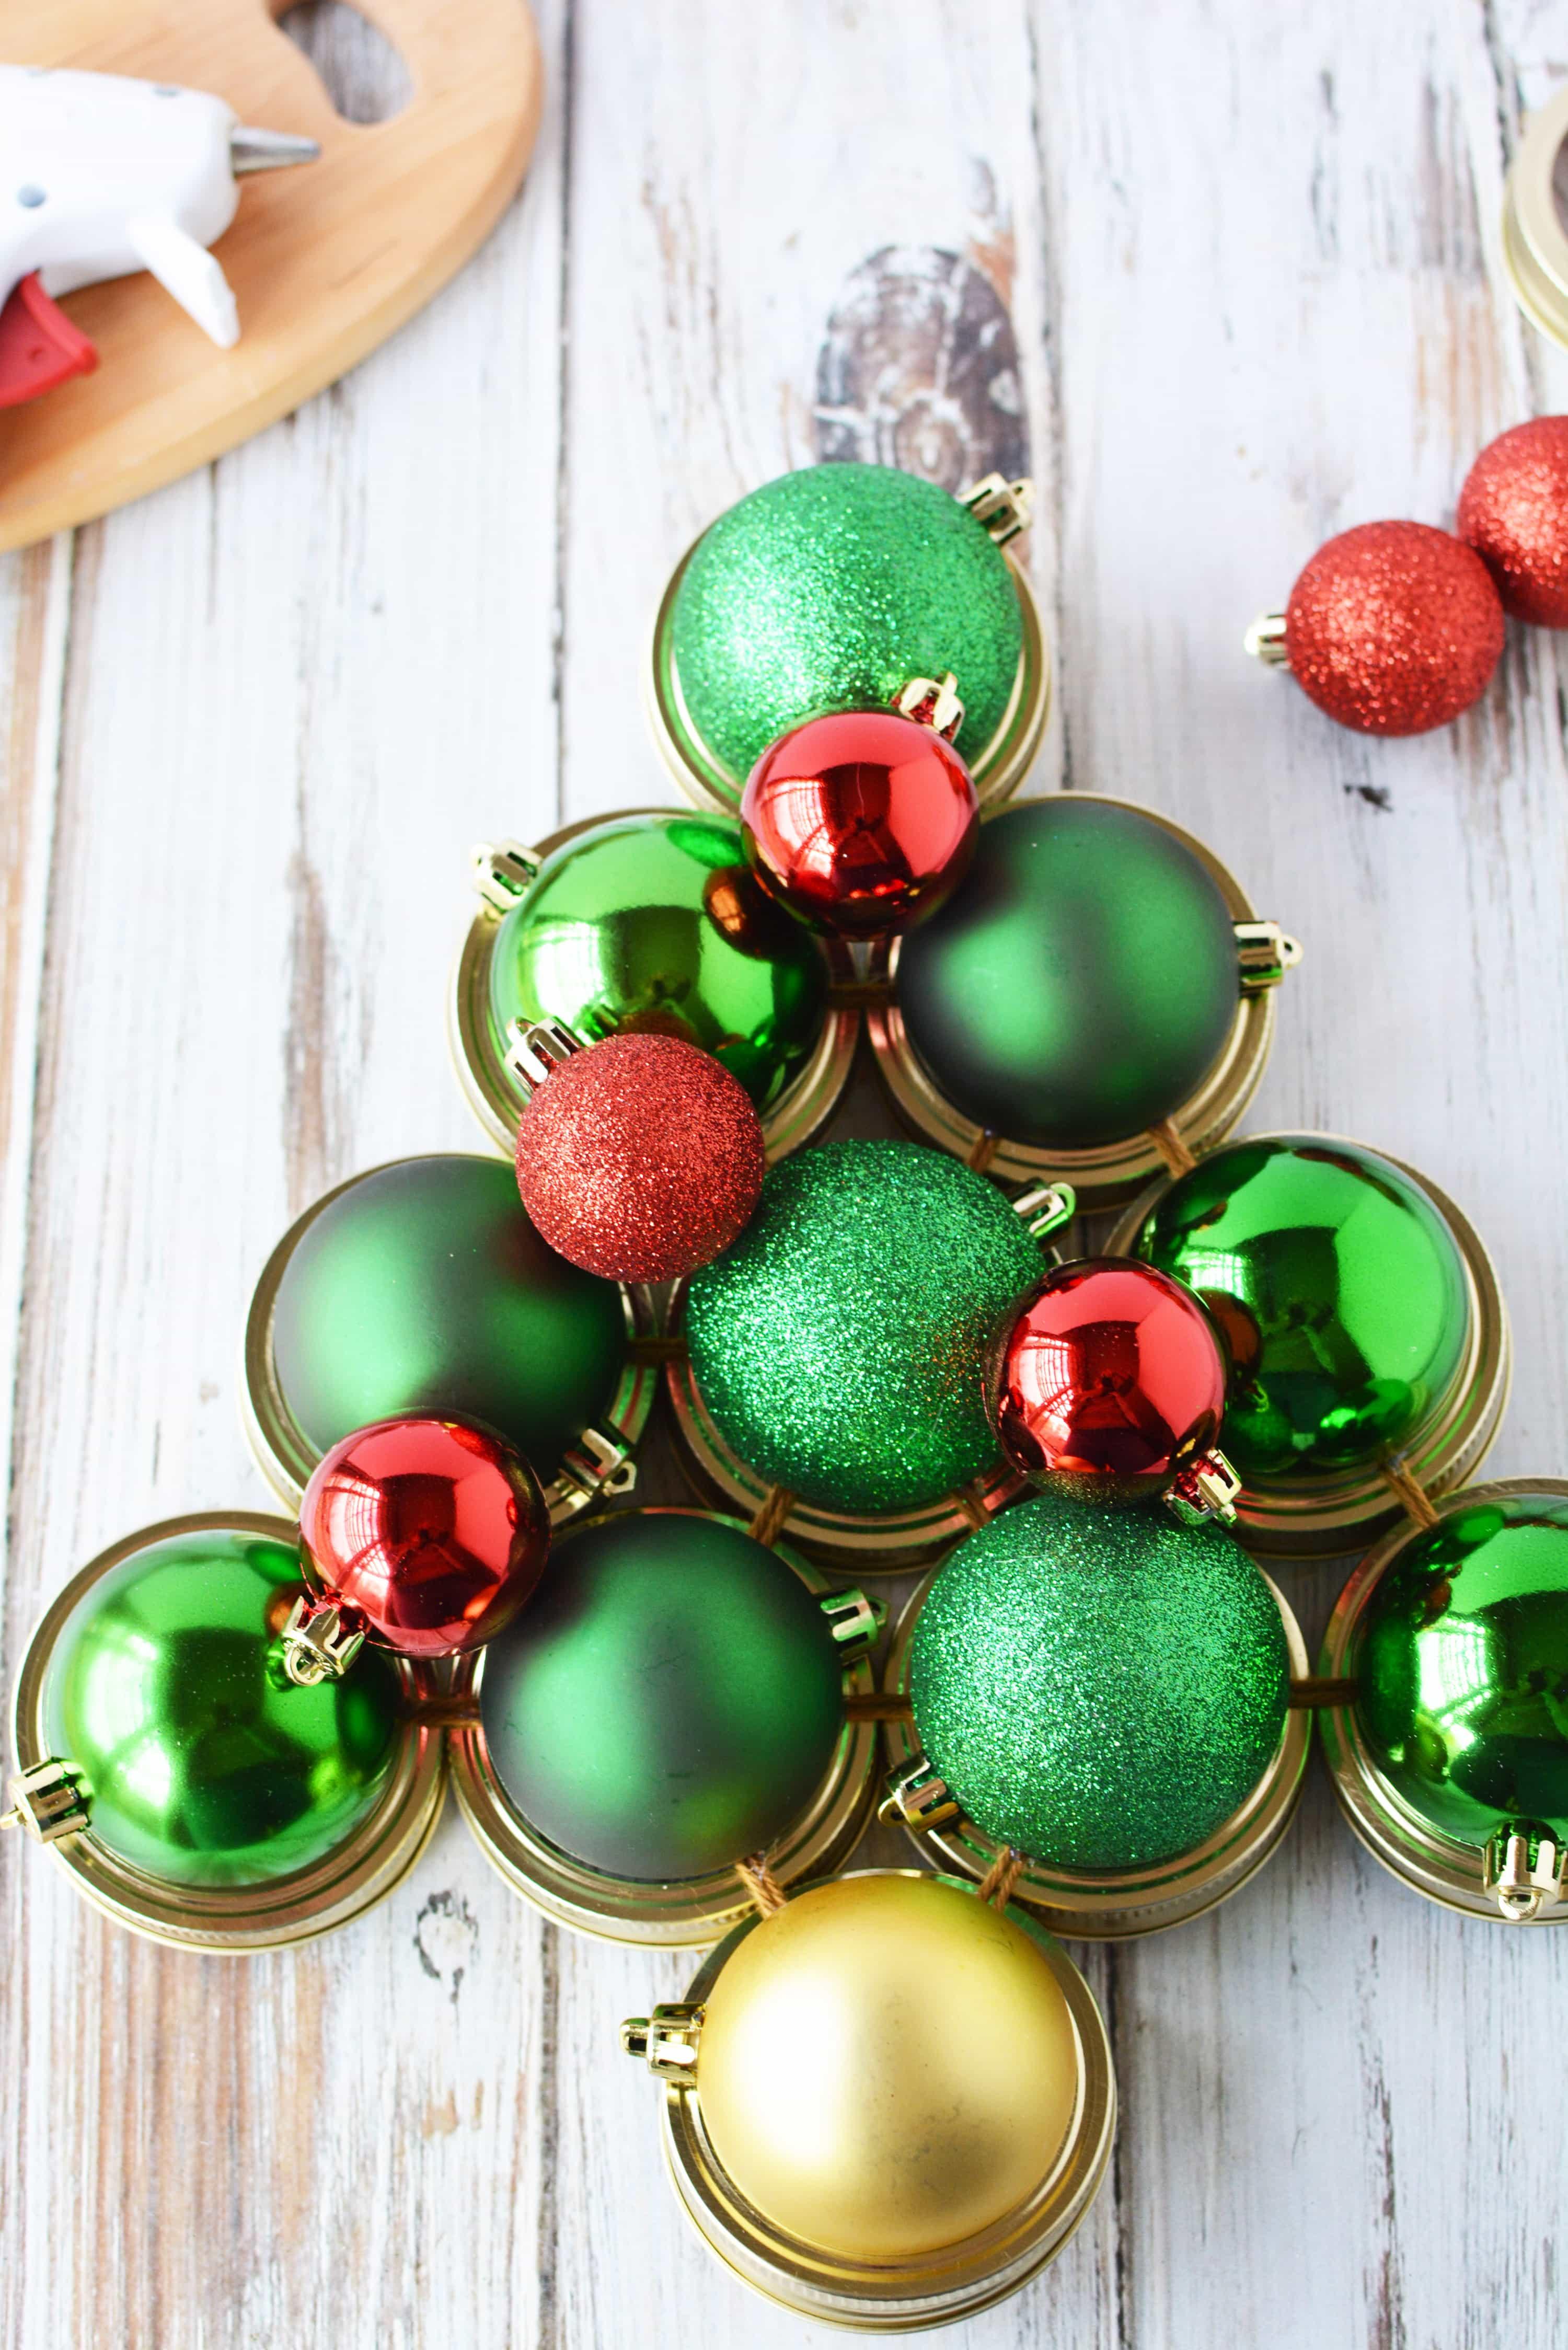 Mason Jar Crafts | Mason Jar Lid Wreath | Christmas Wreath Tutorial using Mason Jar Lids | Holiday Mason Jar Crafts